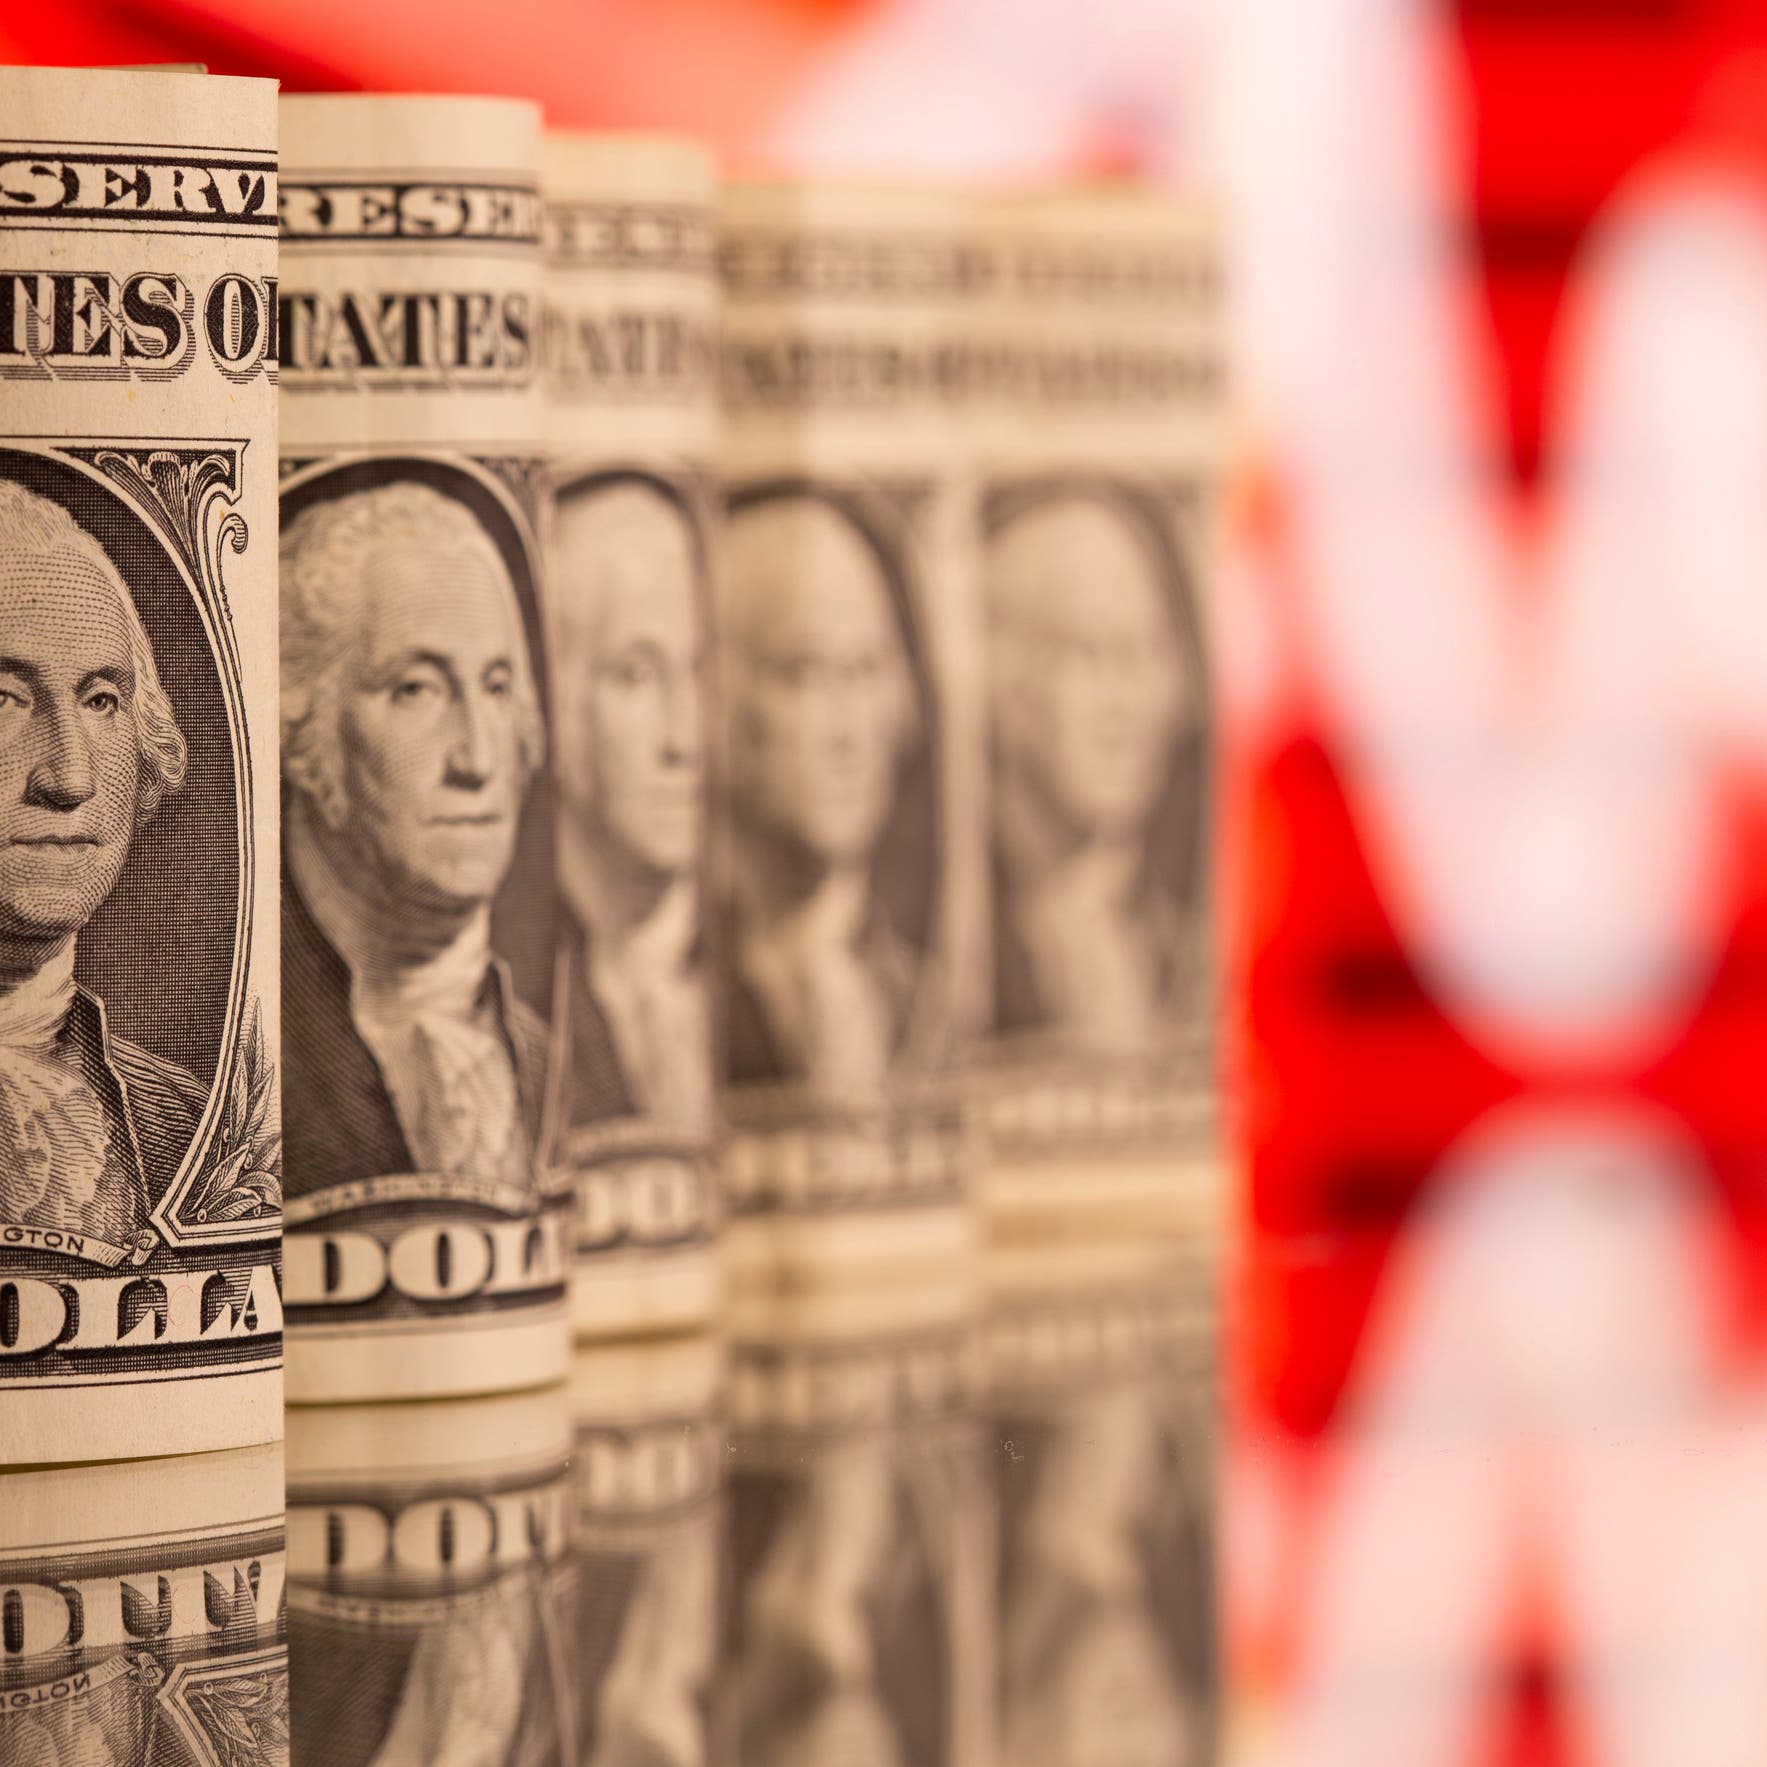 قيمة الديون سالبة العائد عالمياً تقفز فوق16.5 تريليون دولار